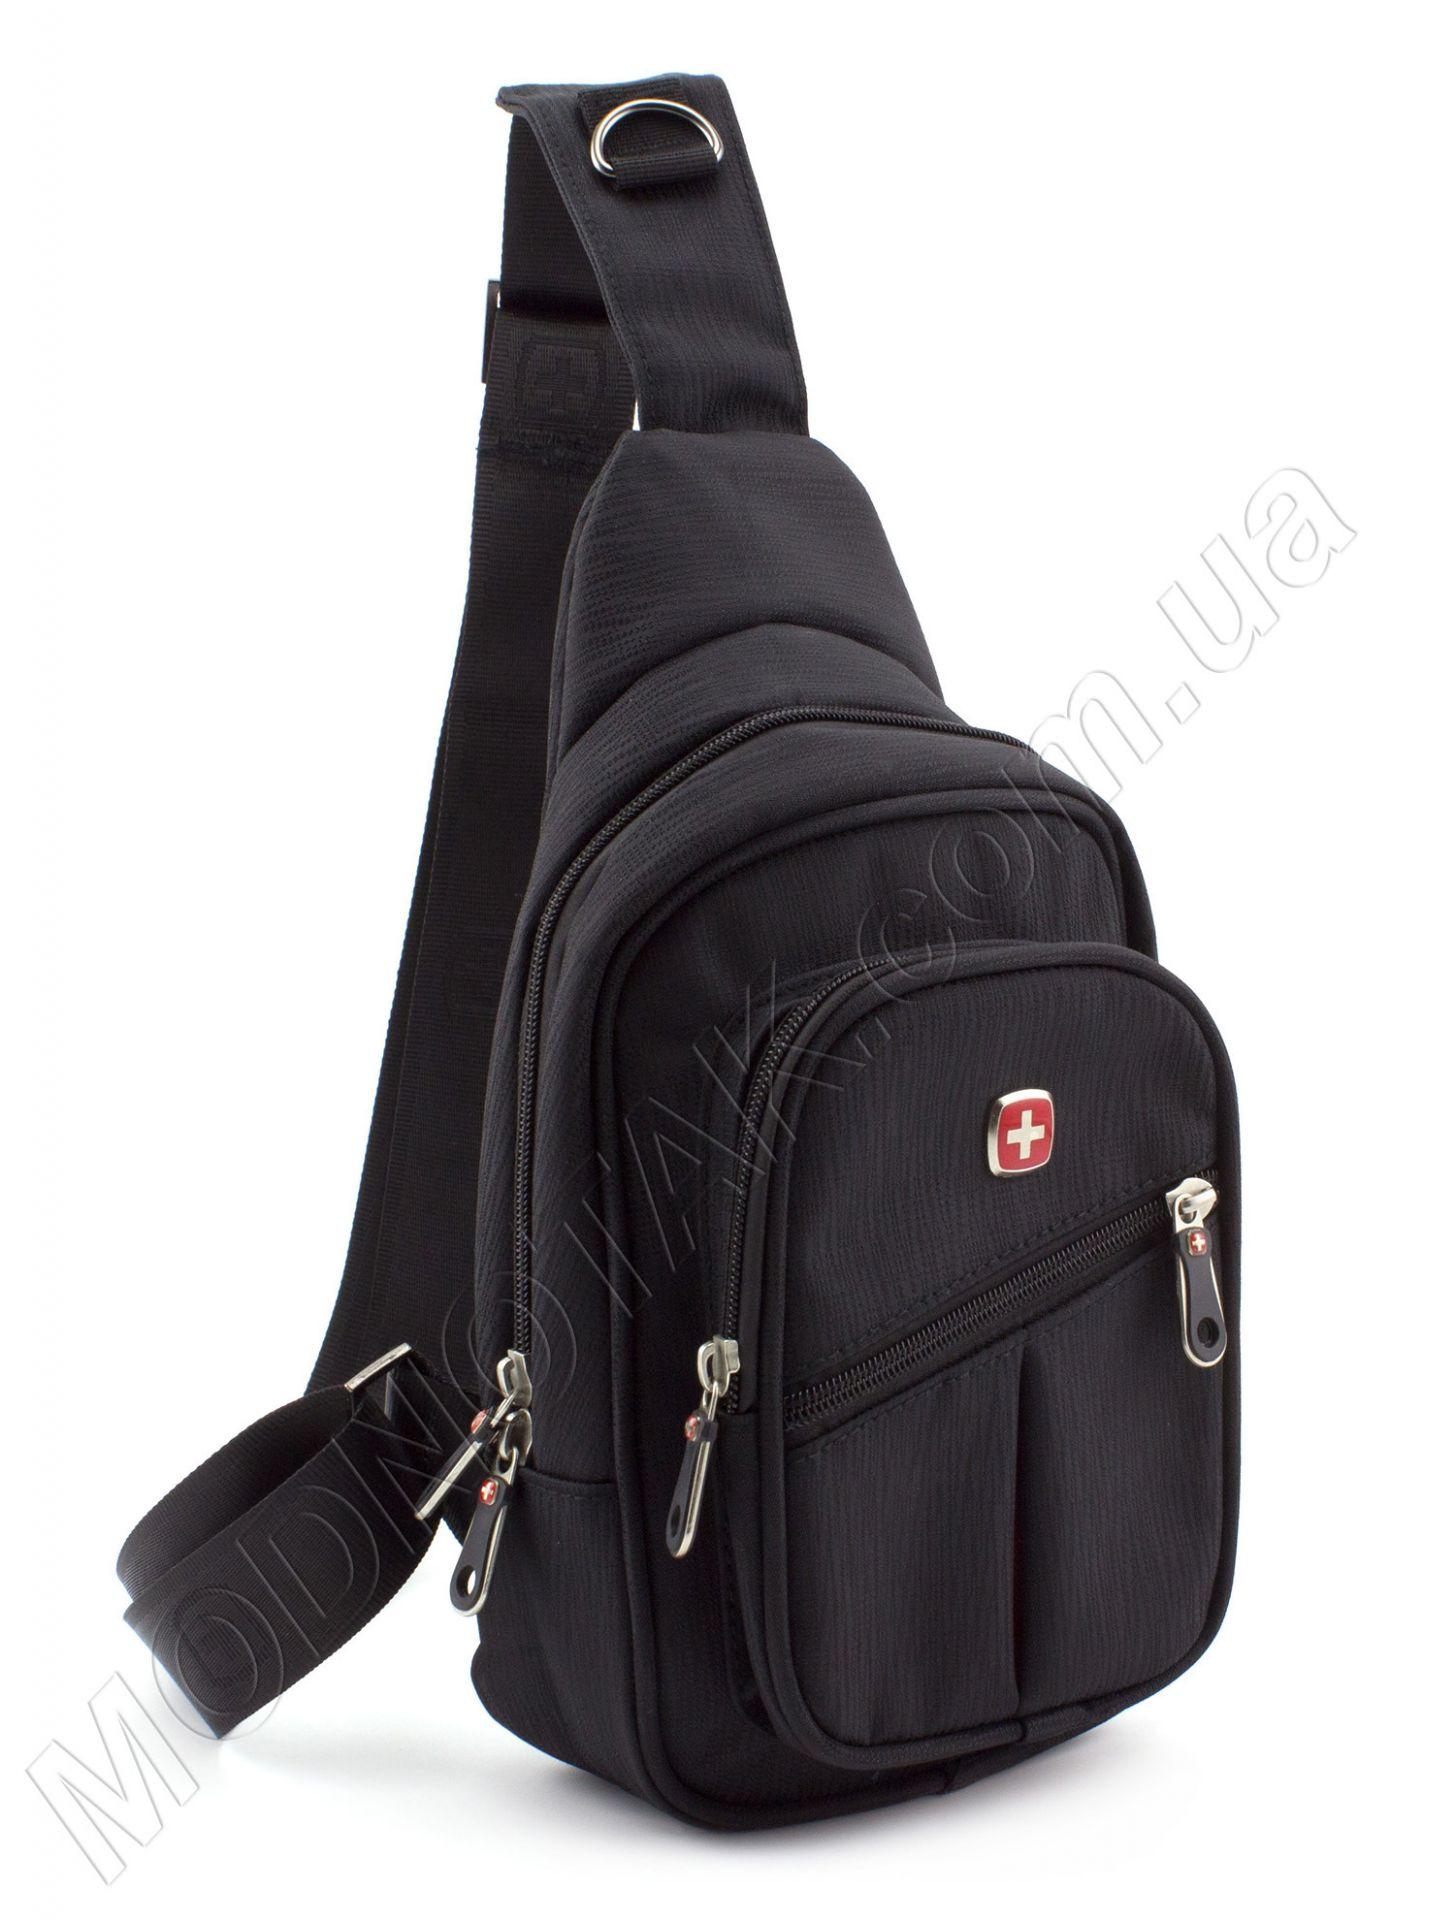 490e2421c17b Недорогая сумка через плечо из ткани черного цвета SWISSGEAR: купить ...